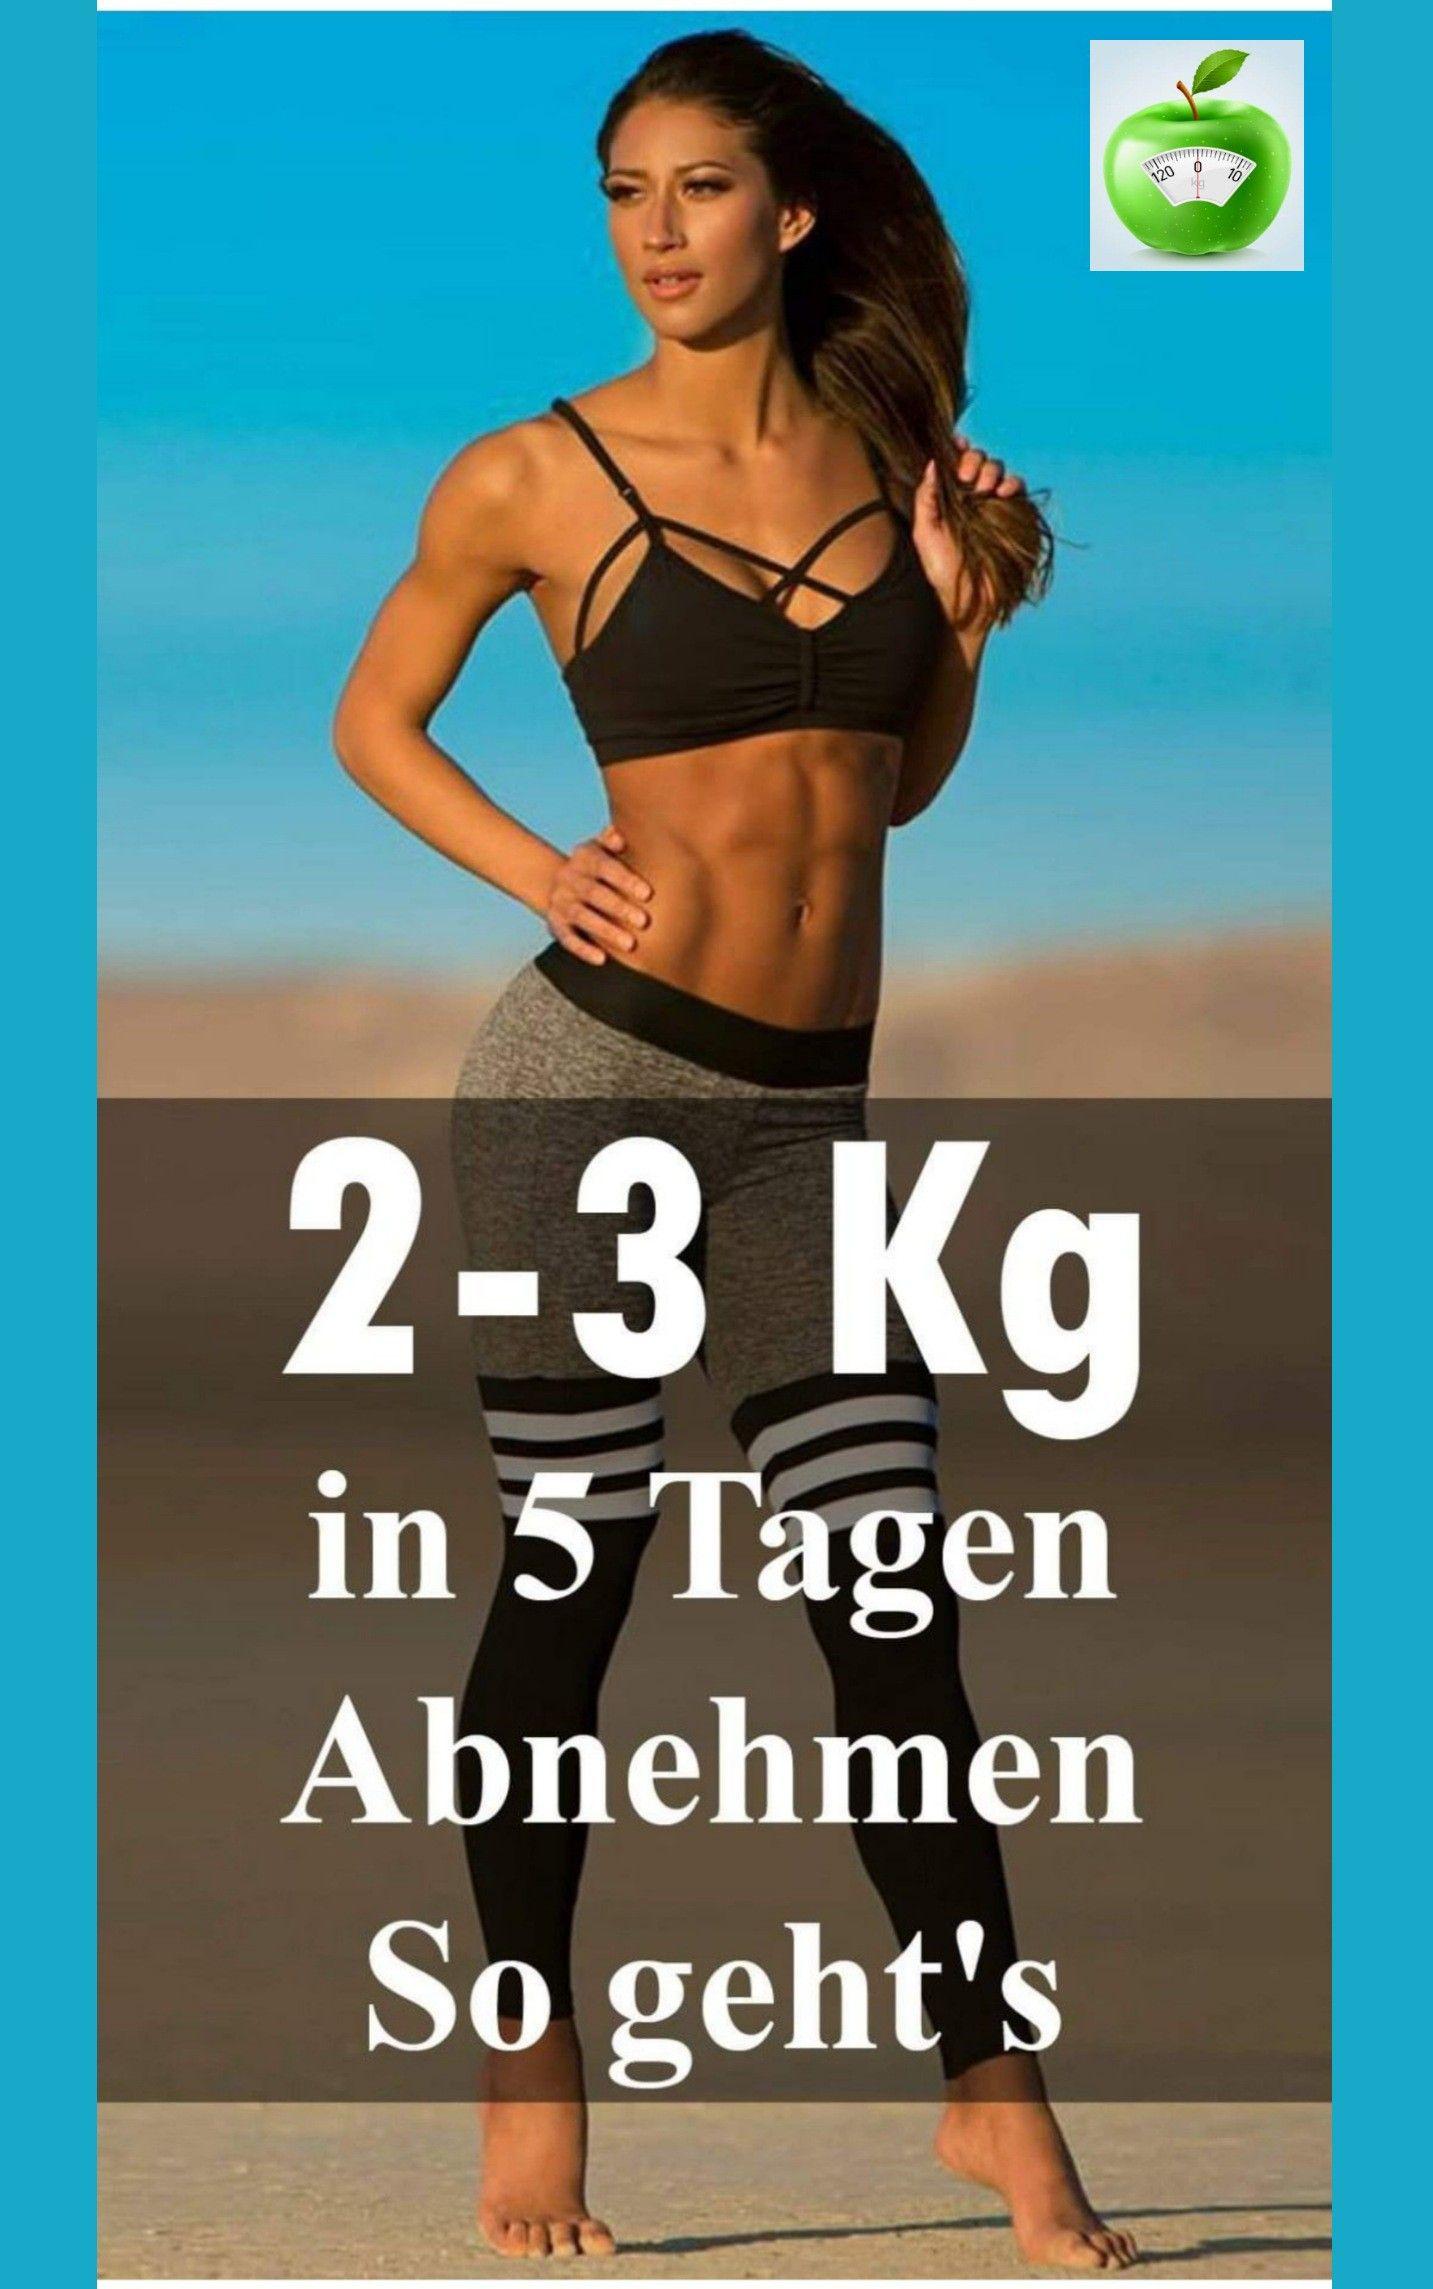 2-3 kg schnell abnehmen